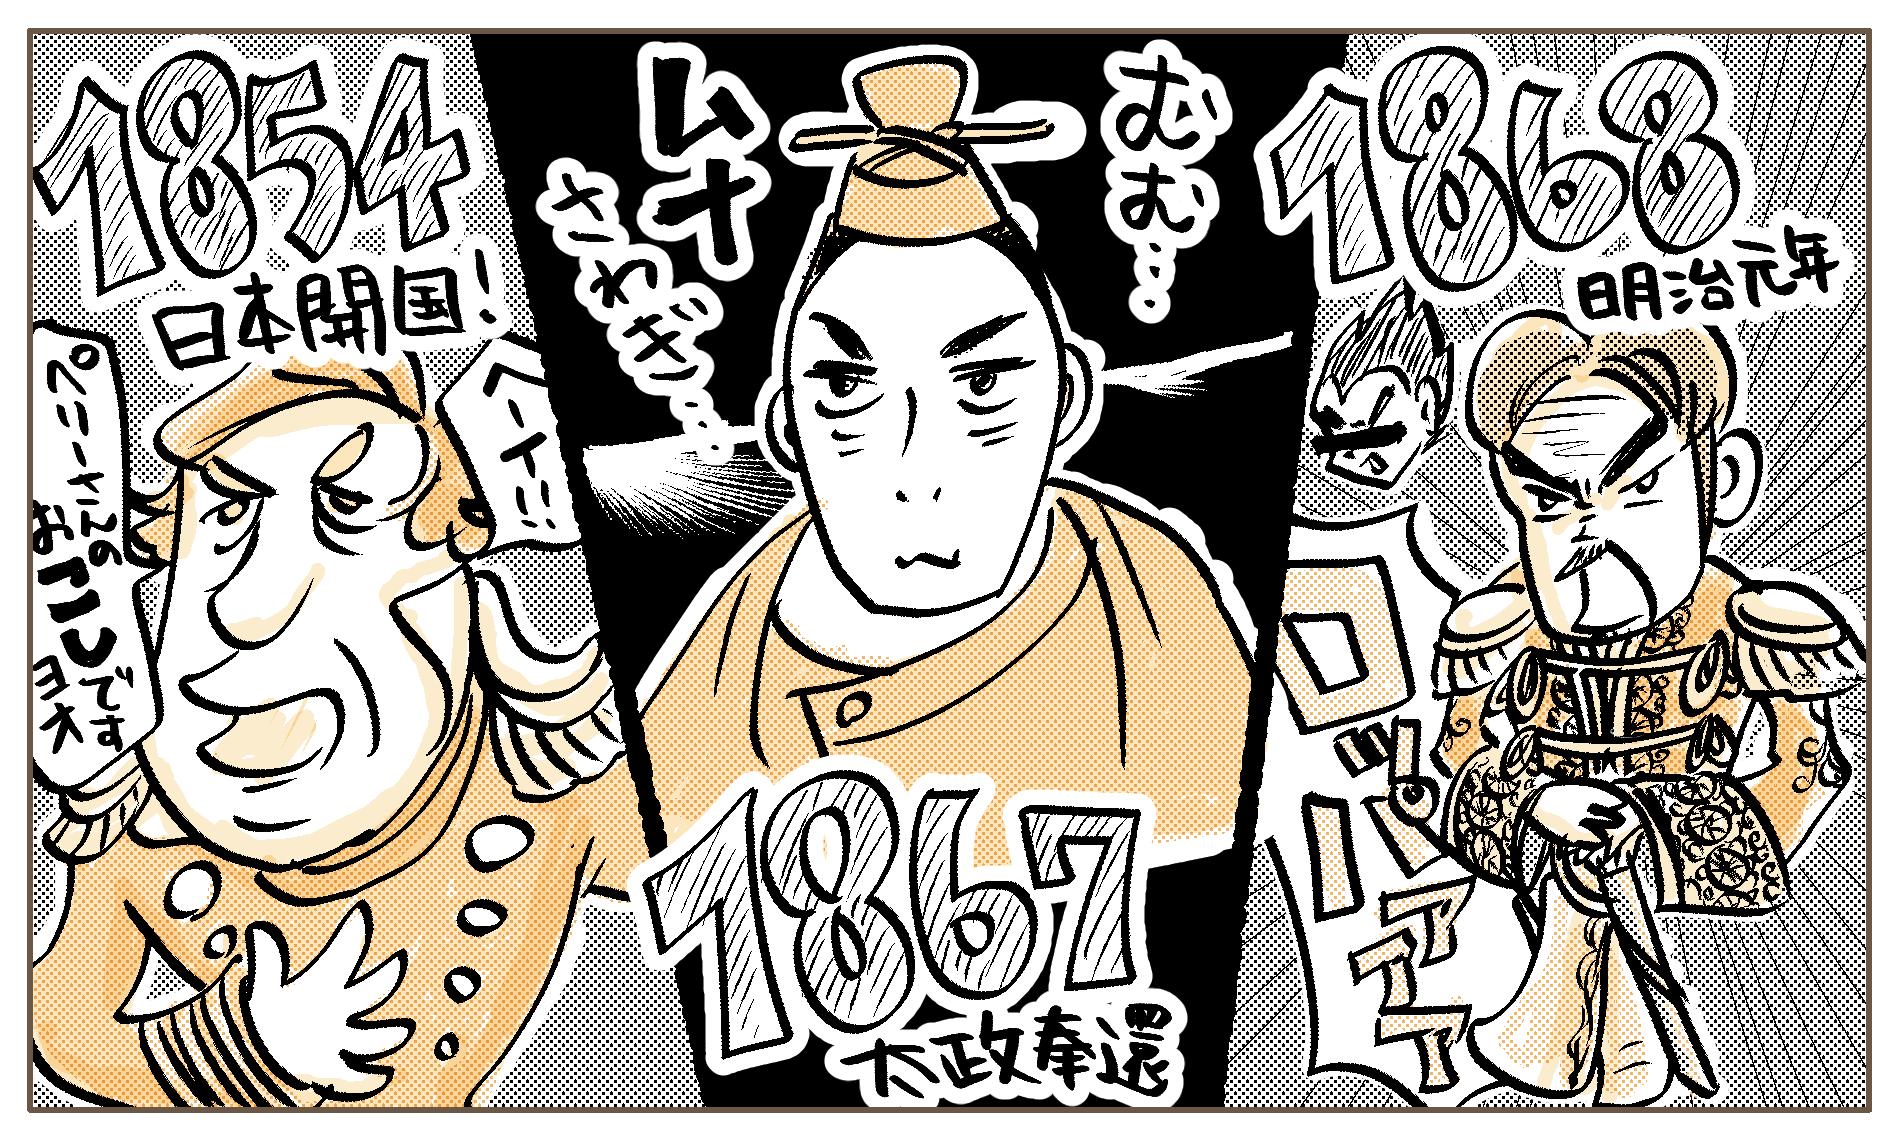 1854ペリー日本開国、1867大政奉還、1868明治元年